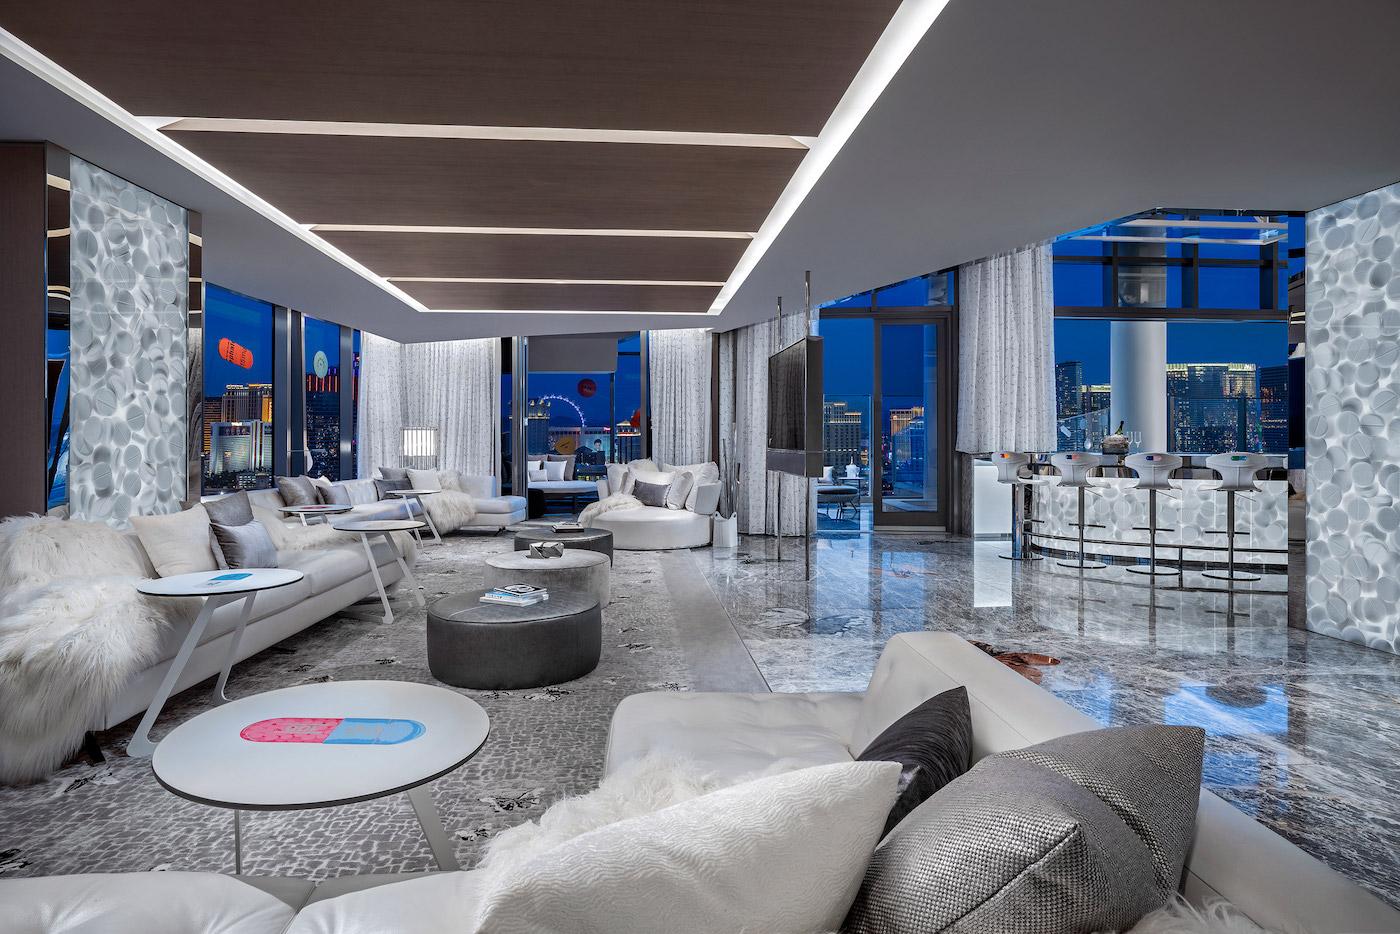 80.000 Dollar pro Nacht: Ein Blick in das teuerste Hotelzimmer der Welt 6